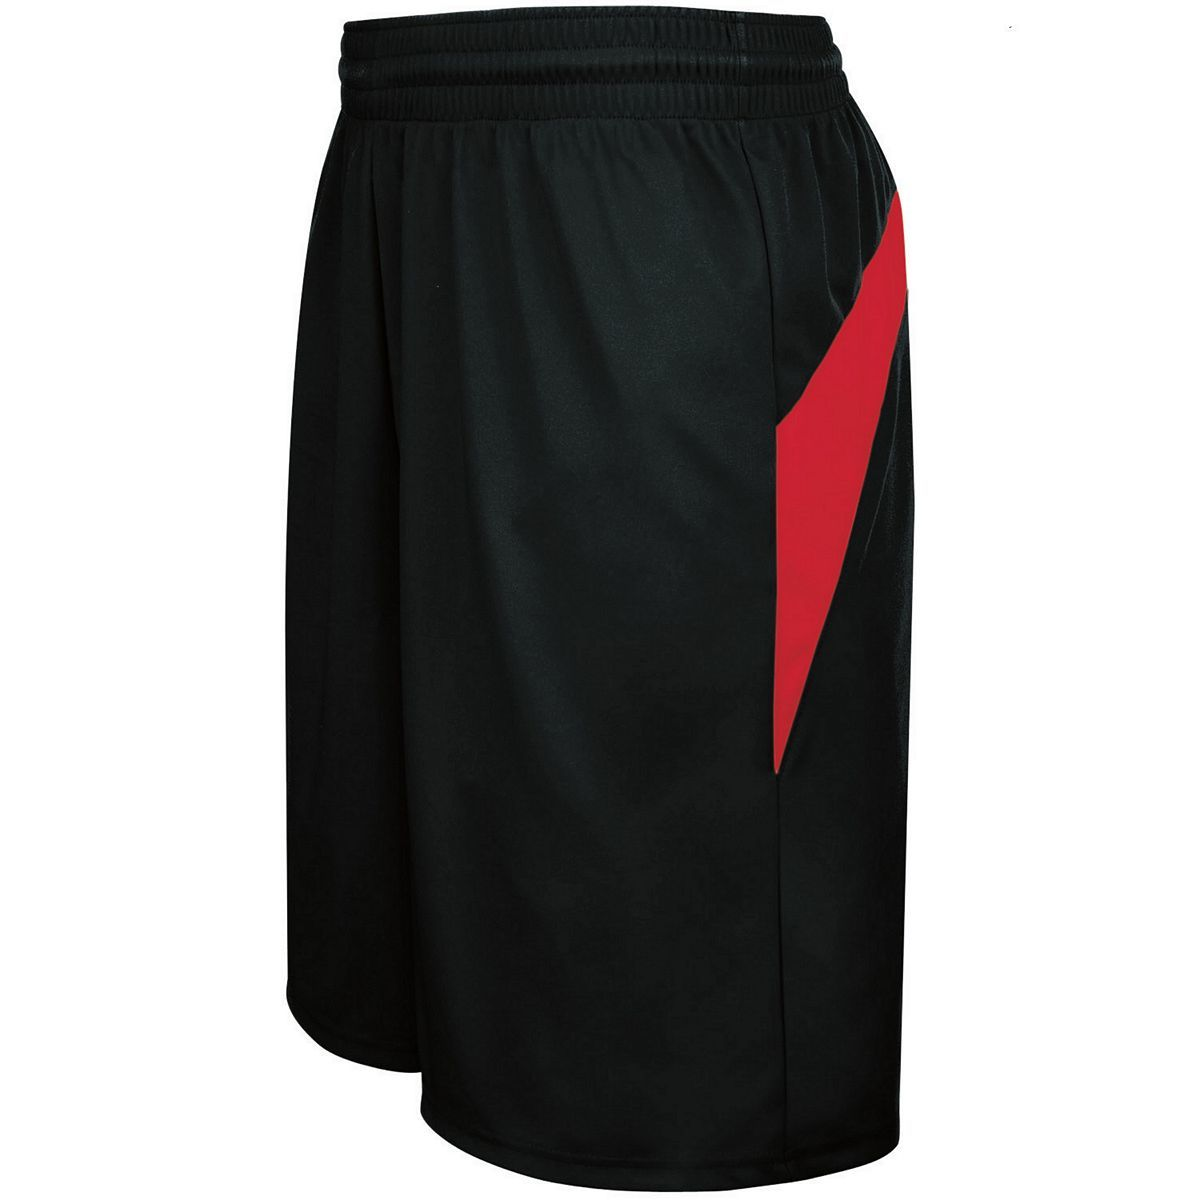 Adult Transition Game Shorts - BLACK/SCARLET